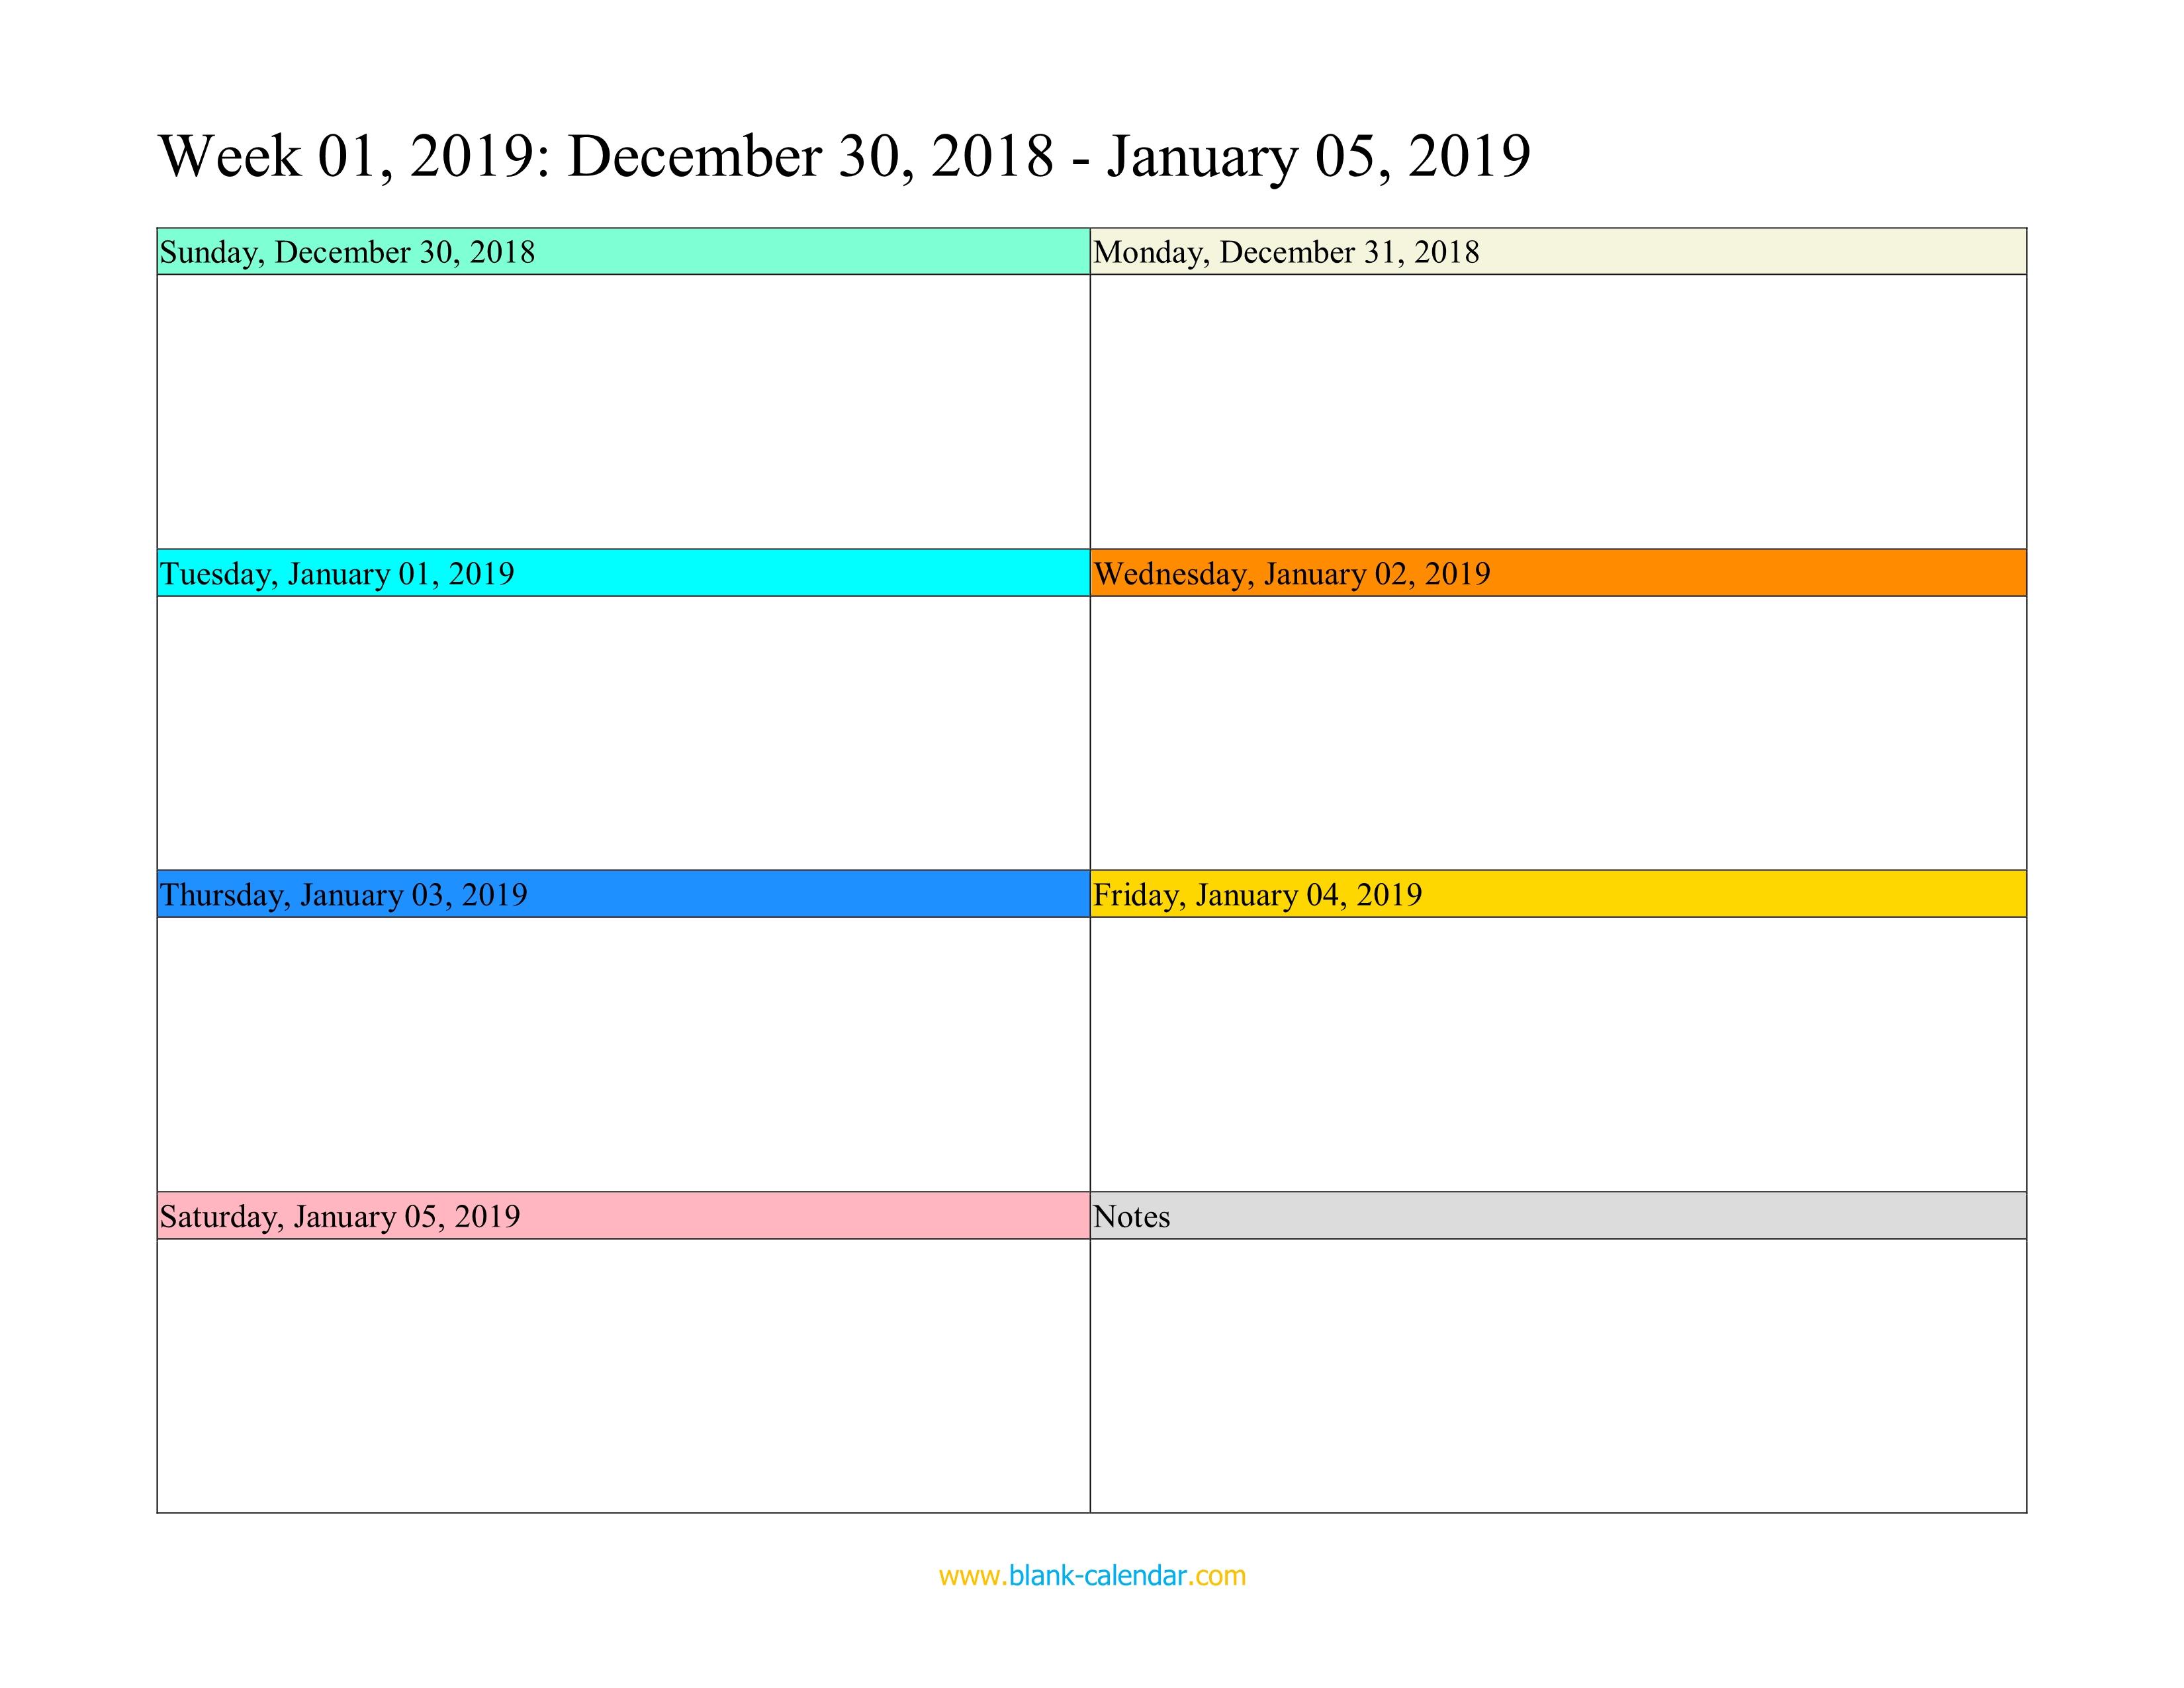 Print Blank Weekly Calendar Schedule Template Outlook